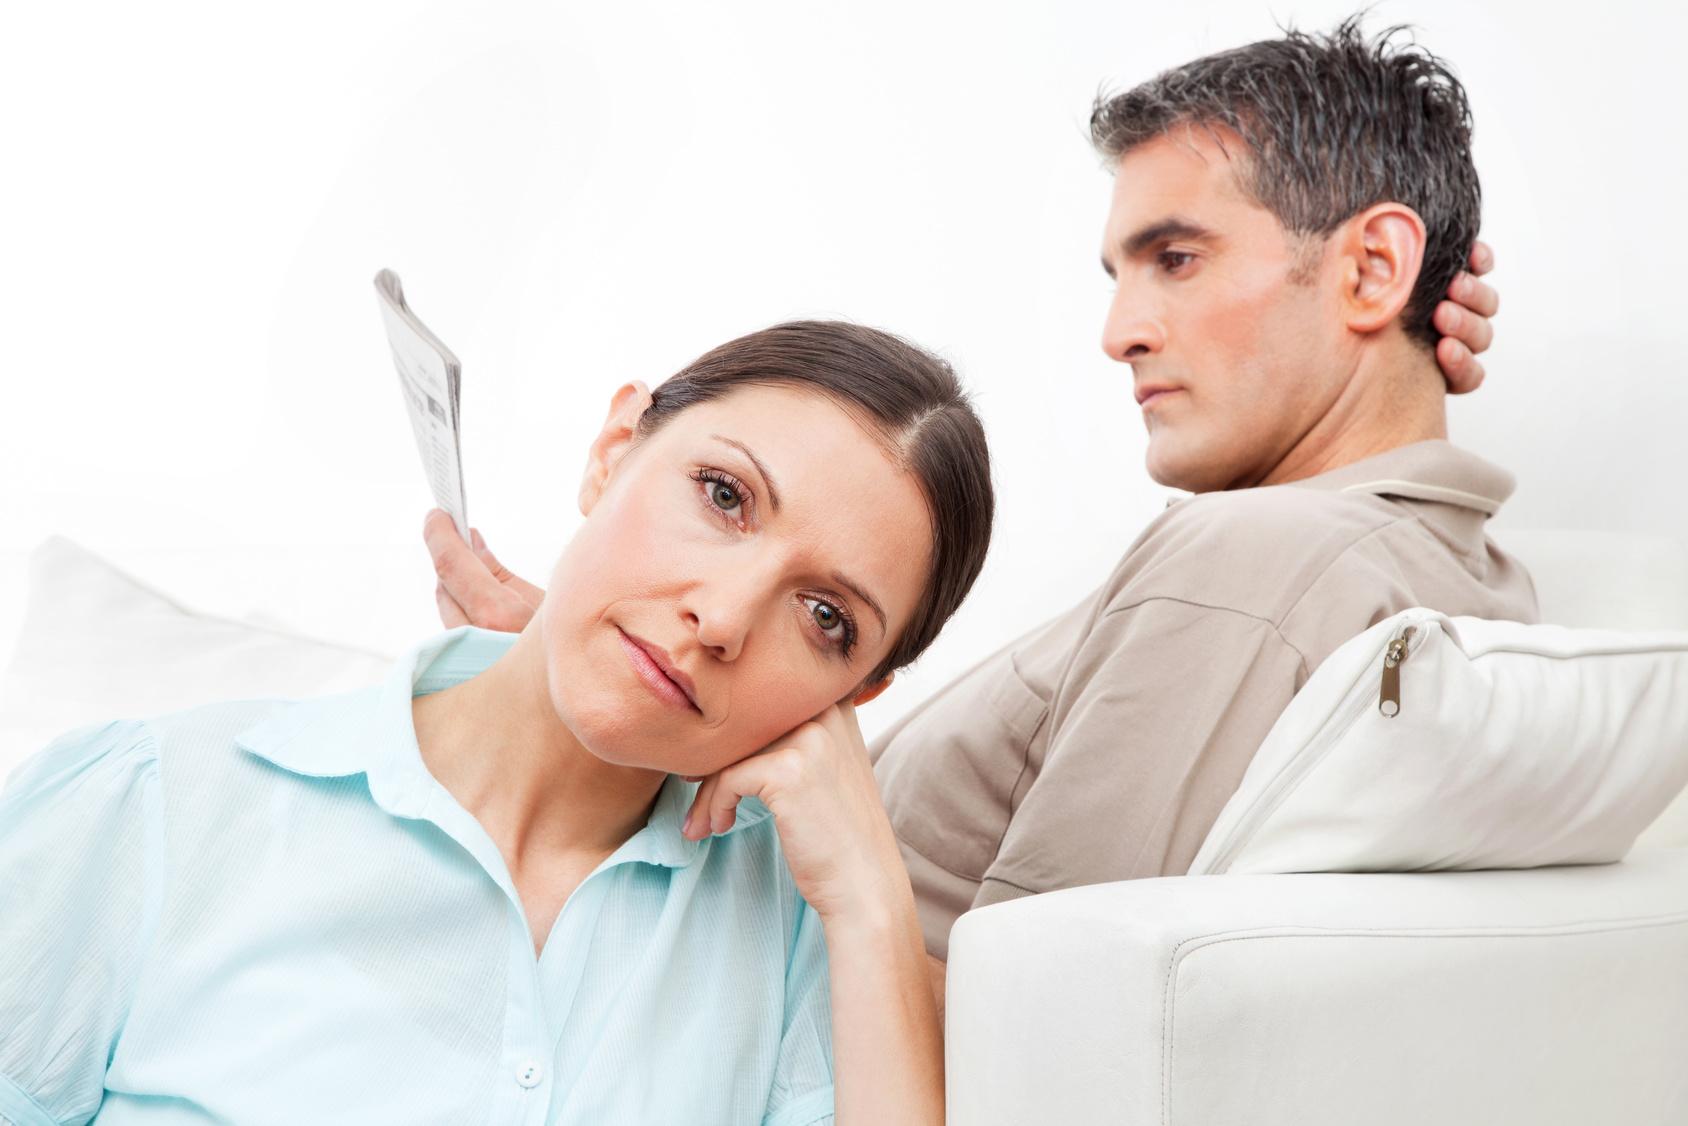 Älteres Paar im Wohnzimmer schweigt sich demonstrativ an